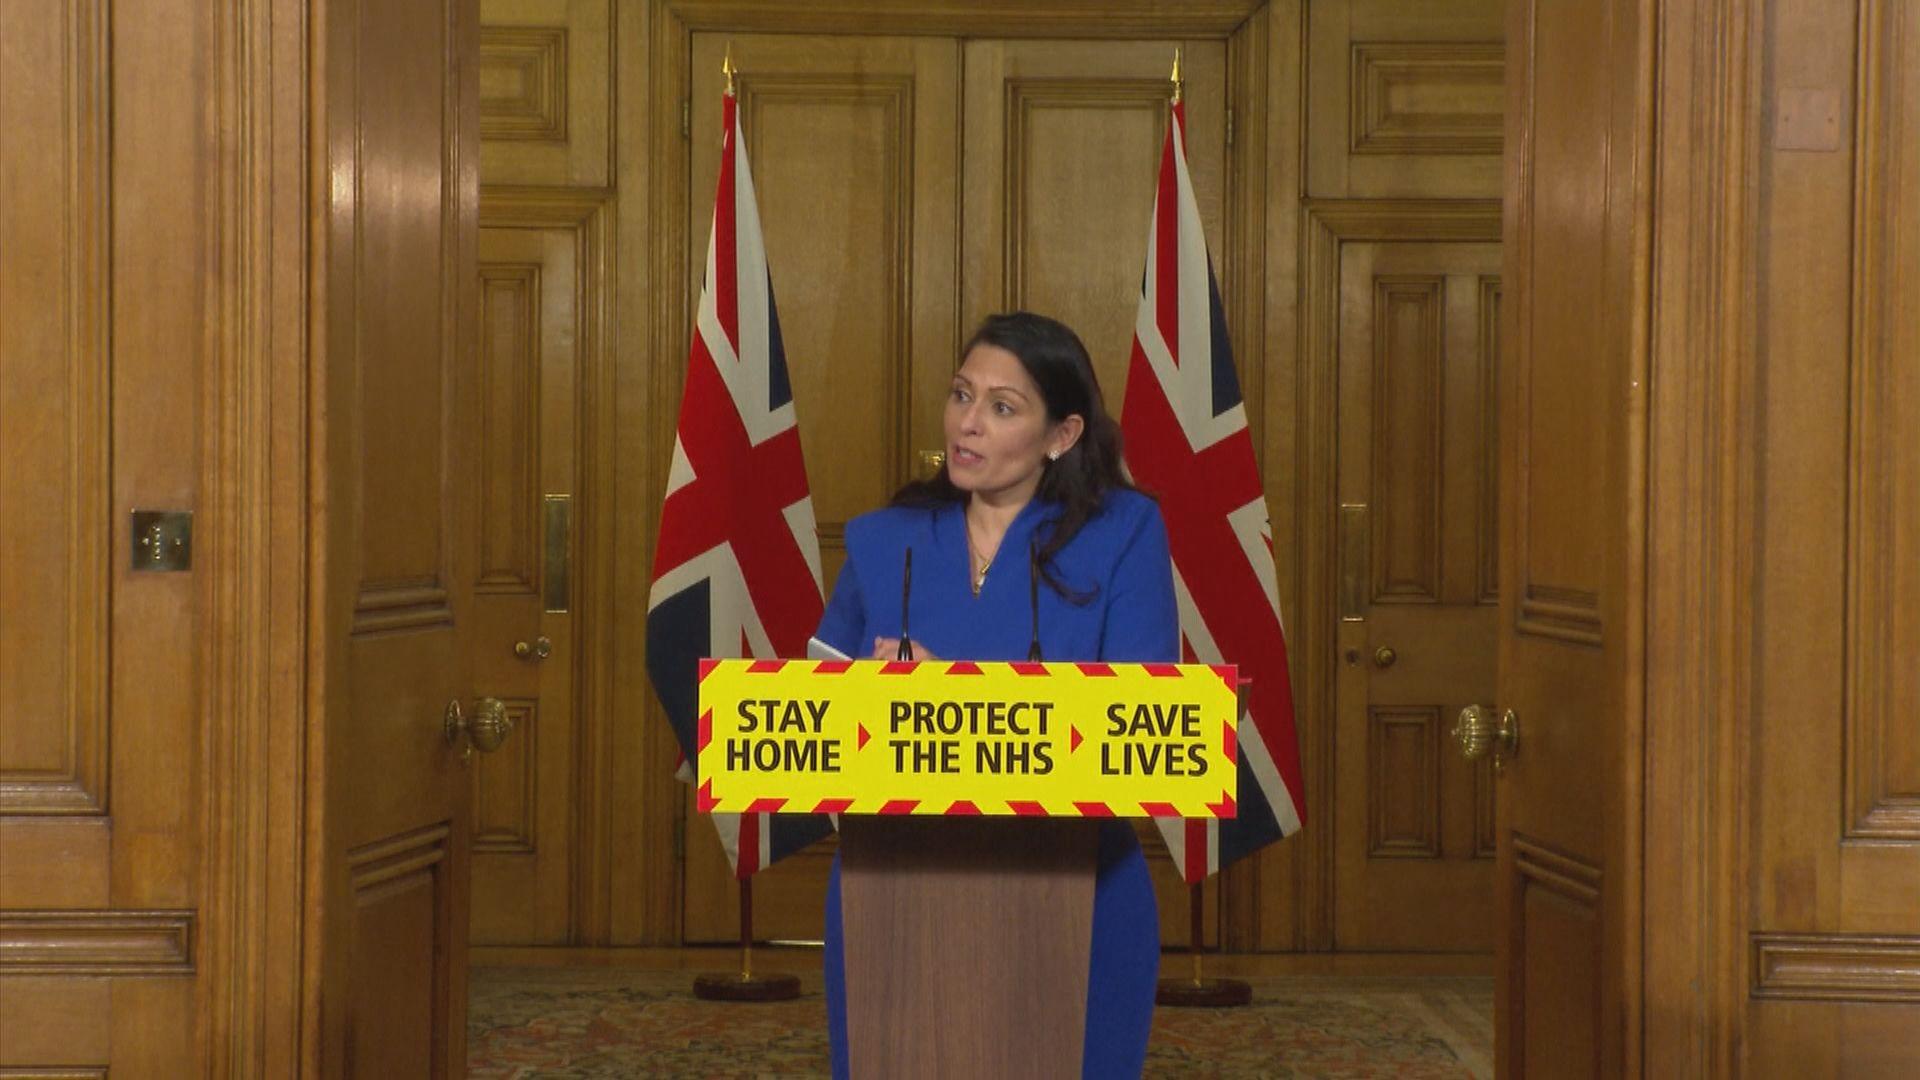 英國疫情嚴峻 內政大臣指現有防疫措施已相當嚴格